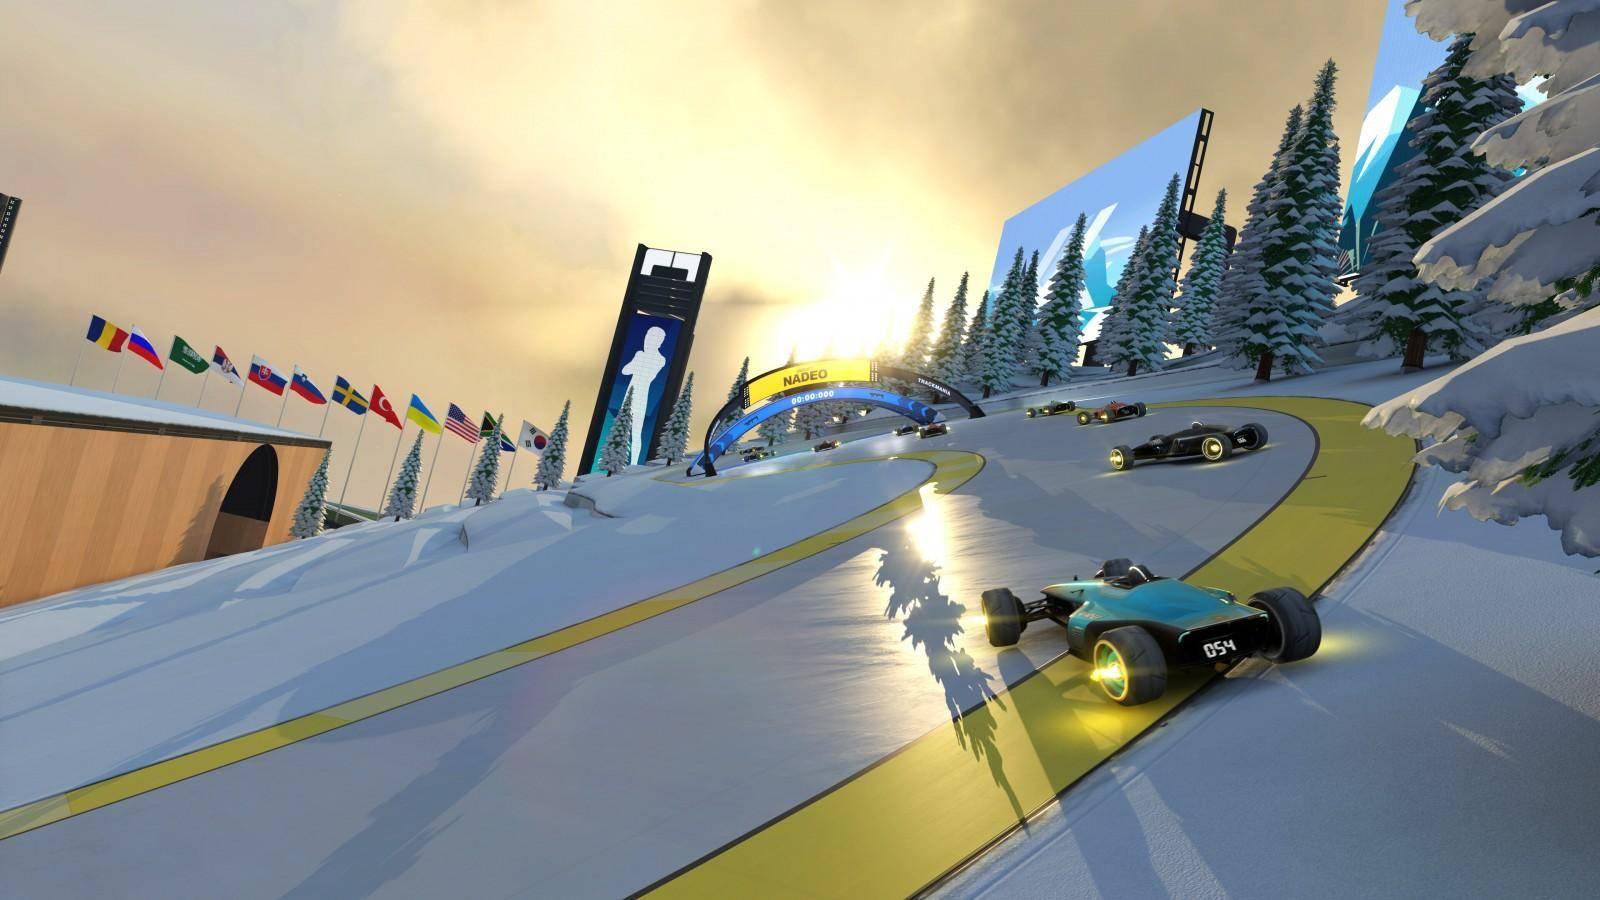 Trackmania ya está disponible en PC 1